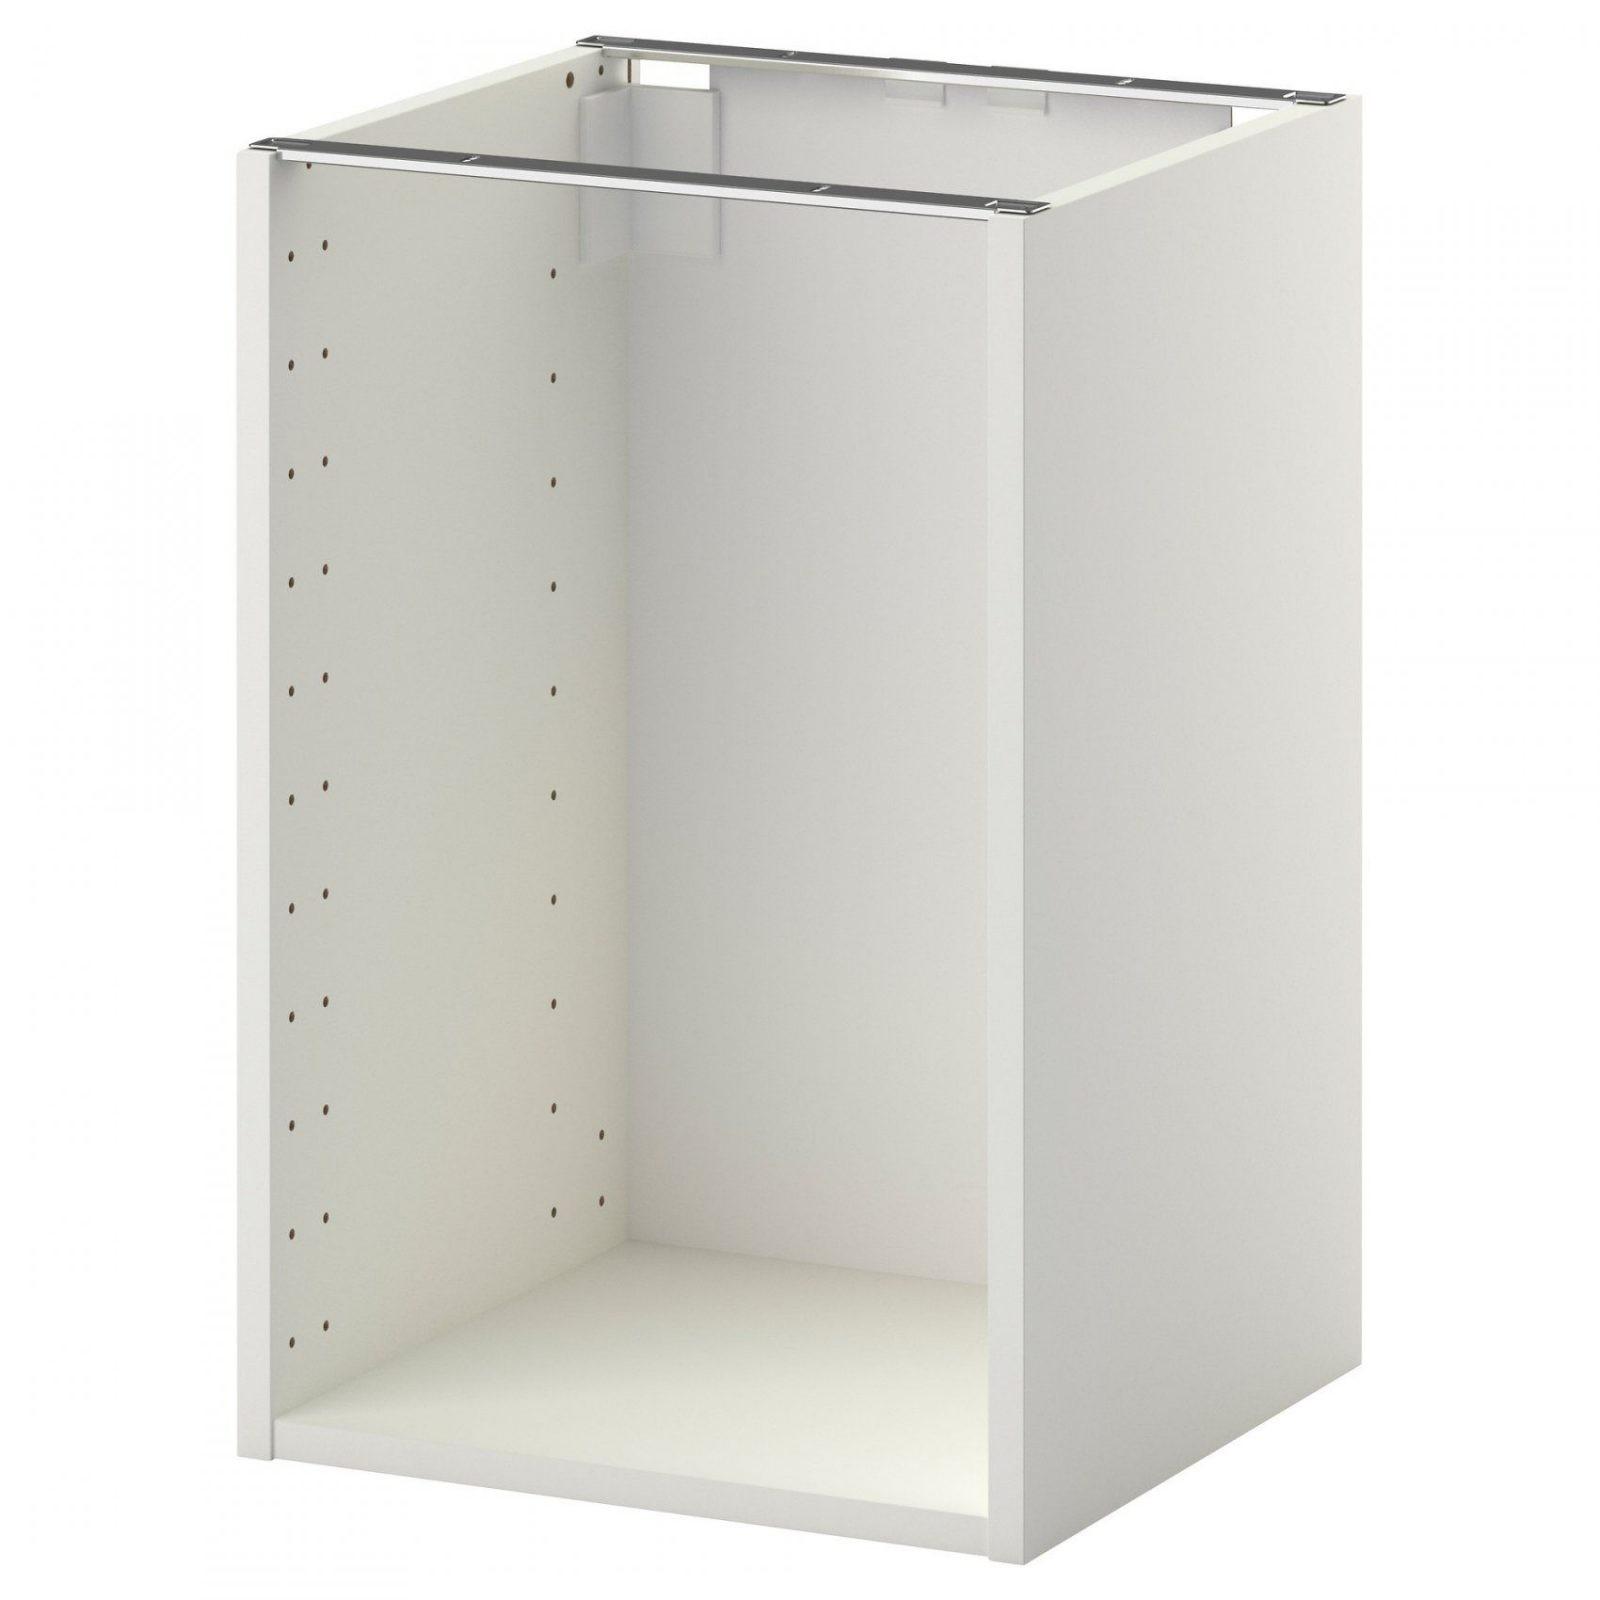 Küchen Unterschrank 50 Cm Breit Ikea | Hängeschrank Küche ...